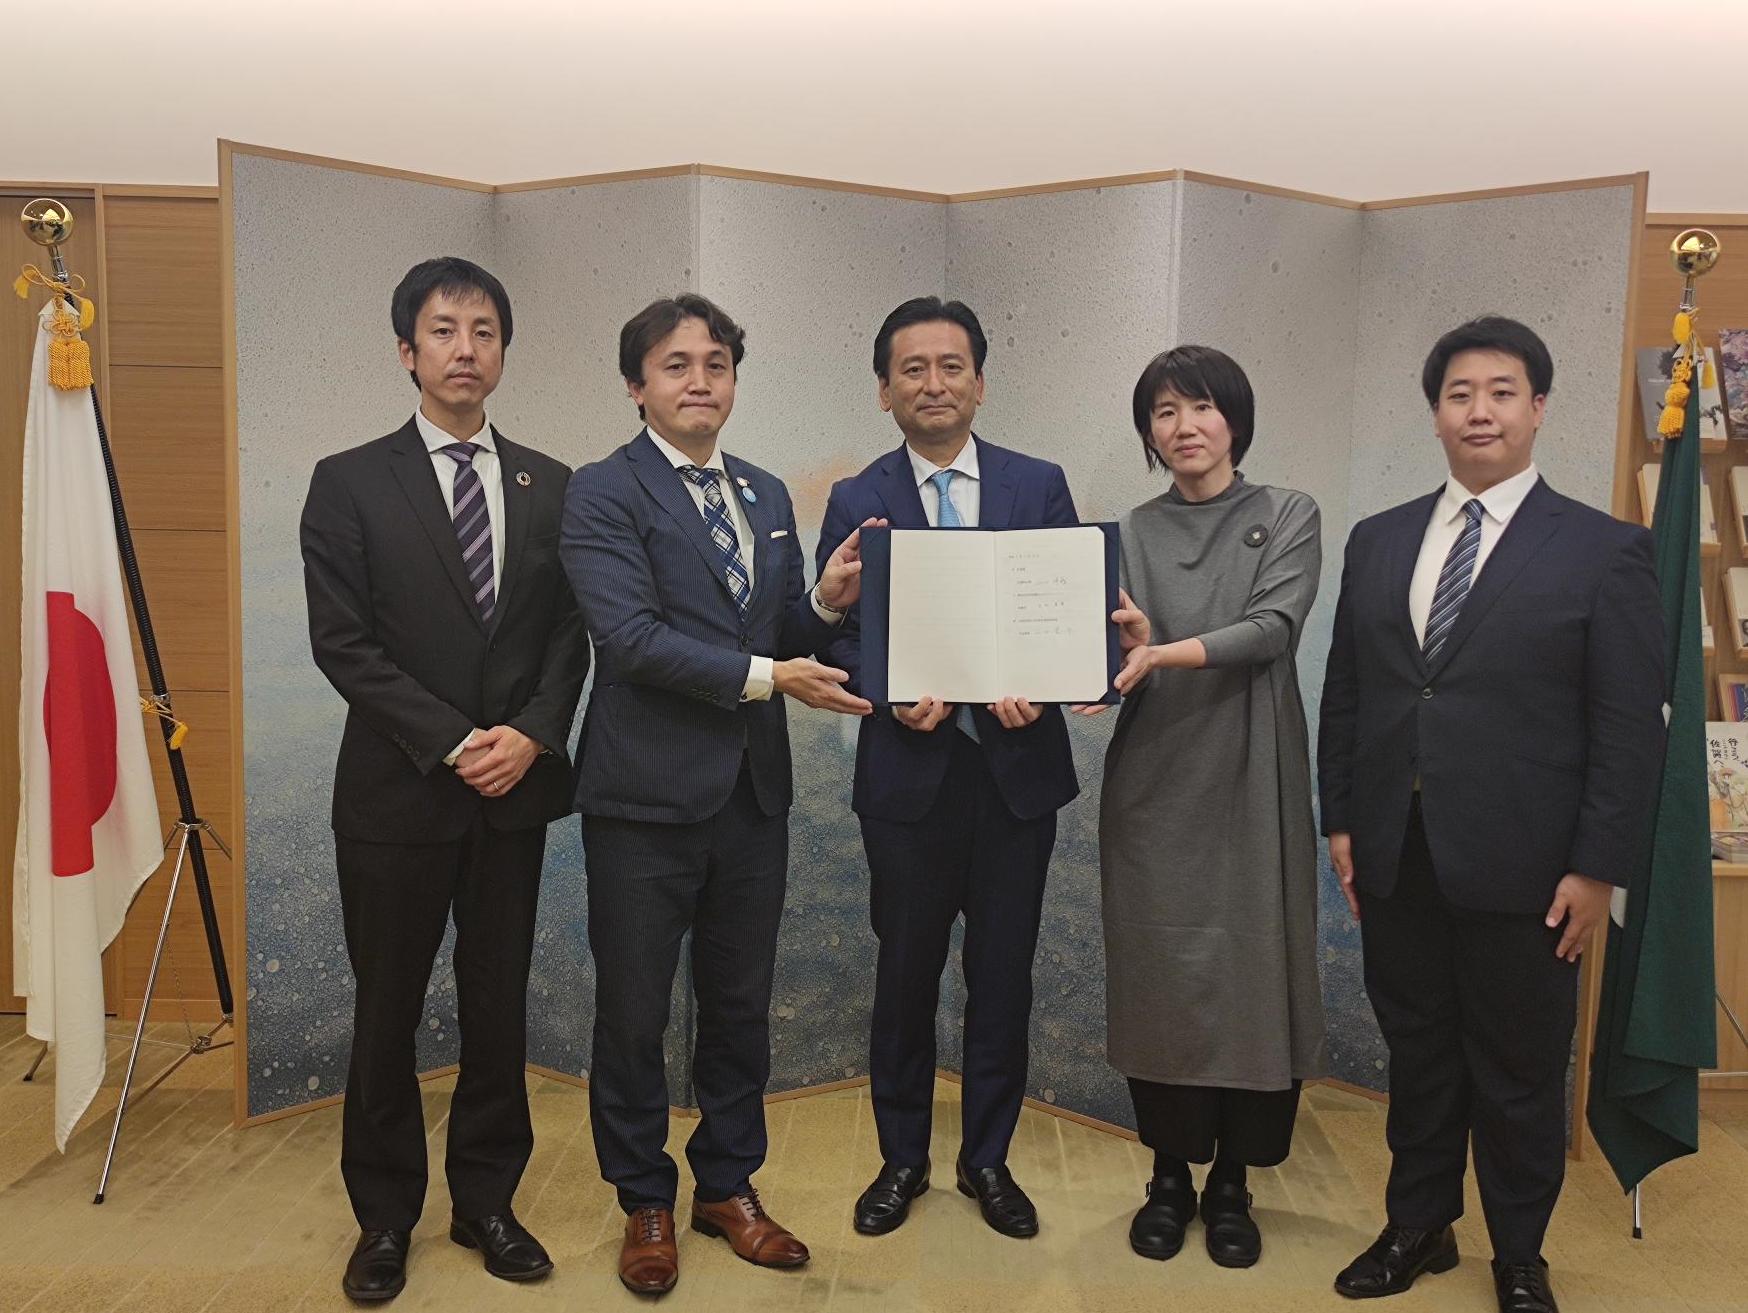 ジャパンハート 佐賀県及び公益財団法人佐賀未来創造基金と進出協定を締結